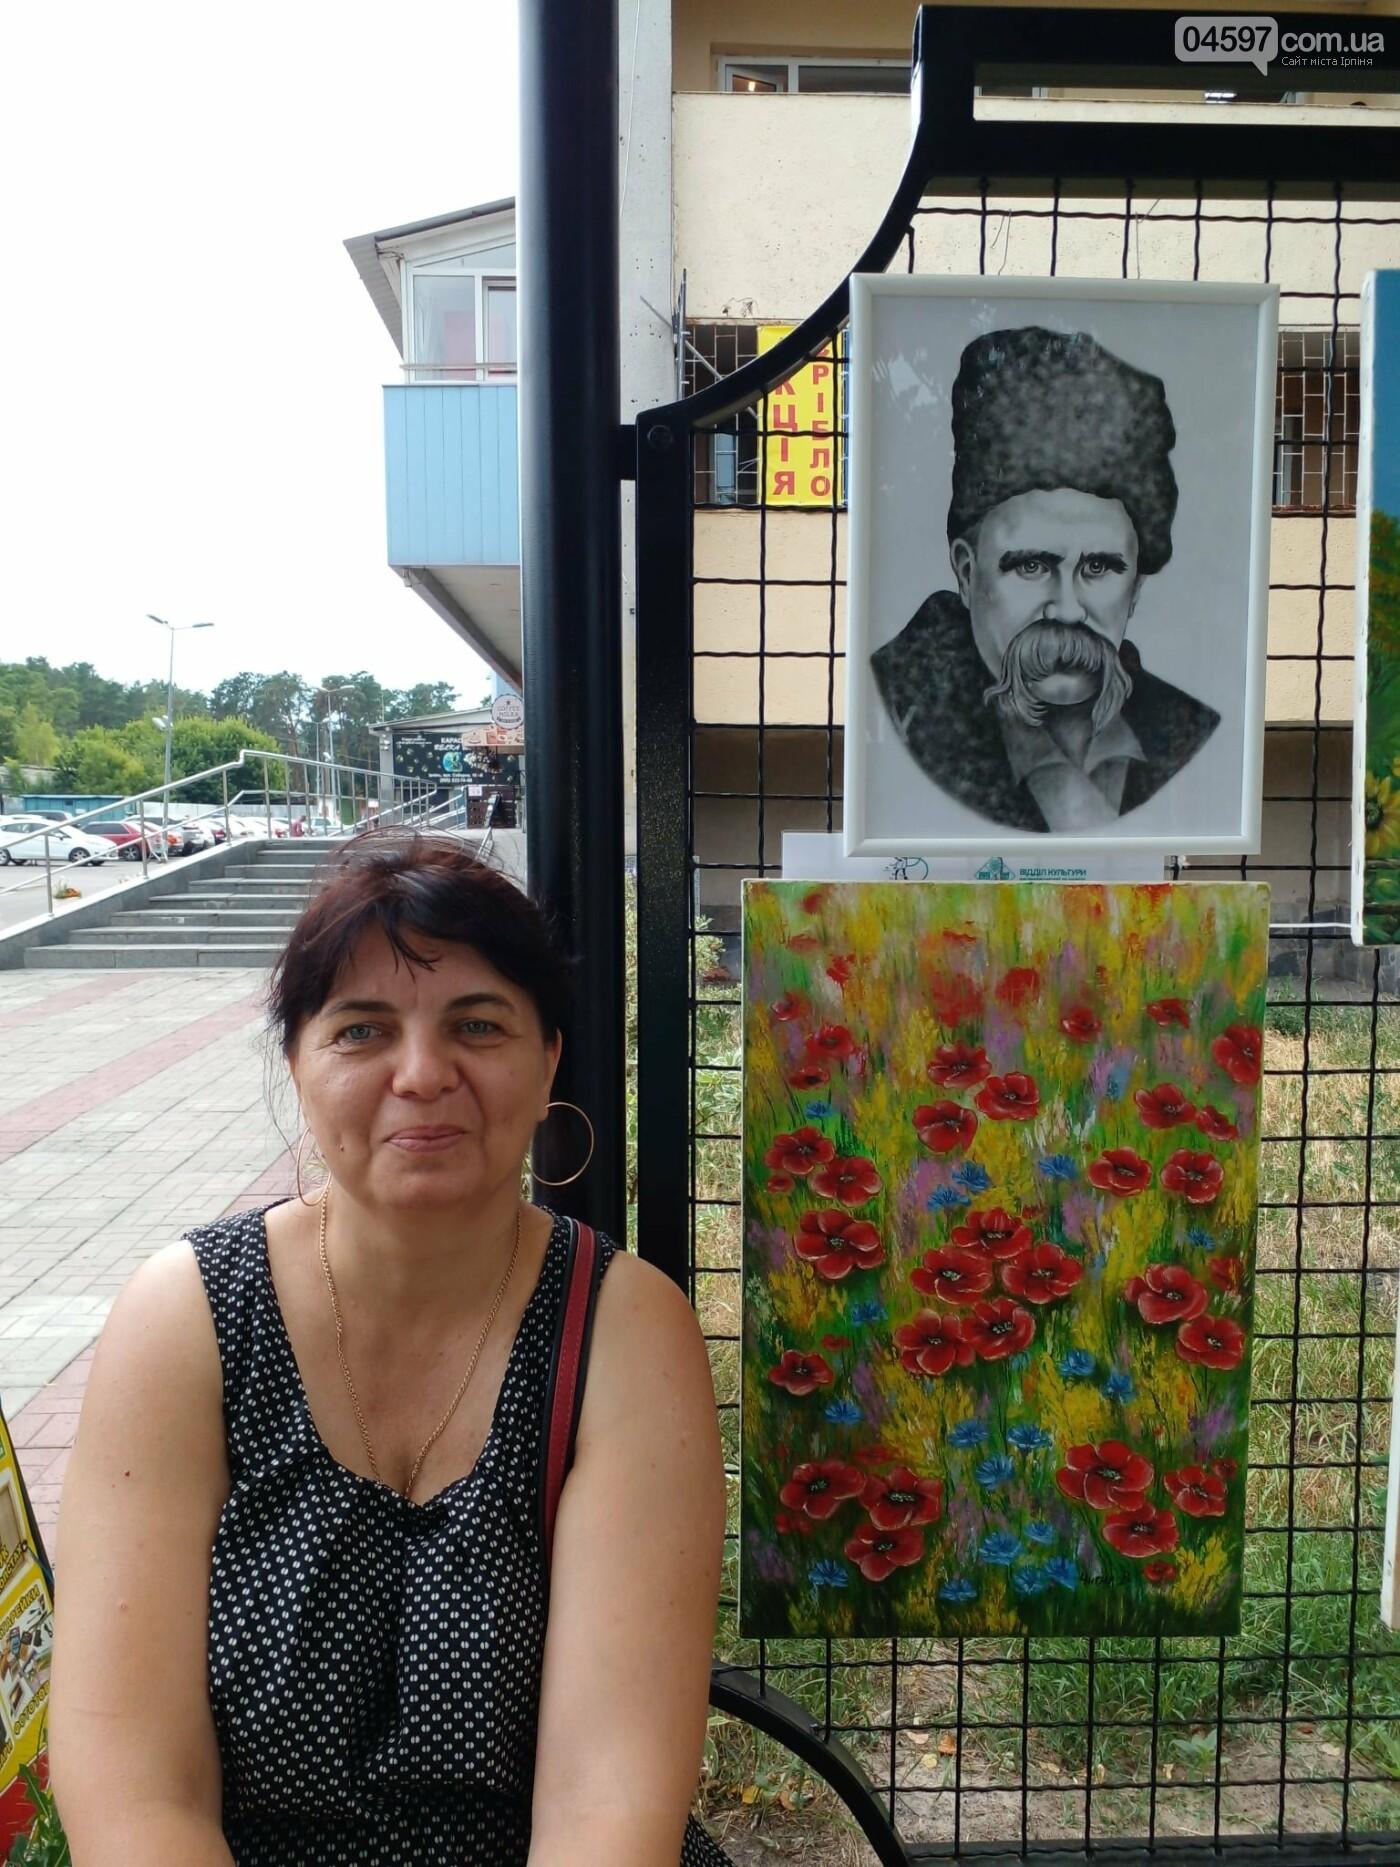 Виставка на Мистецькій алеї. Фото А. Зборовського